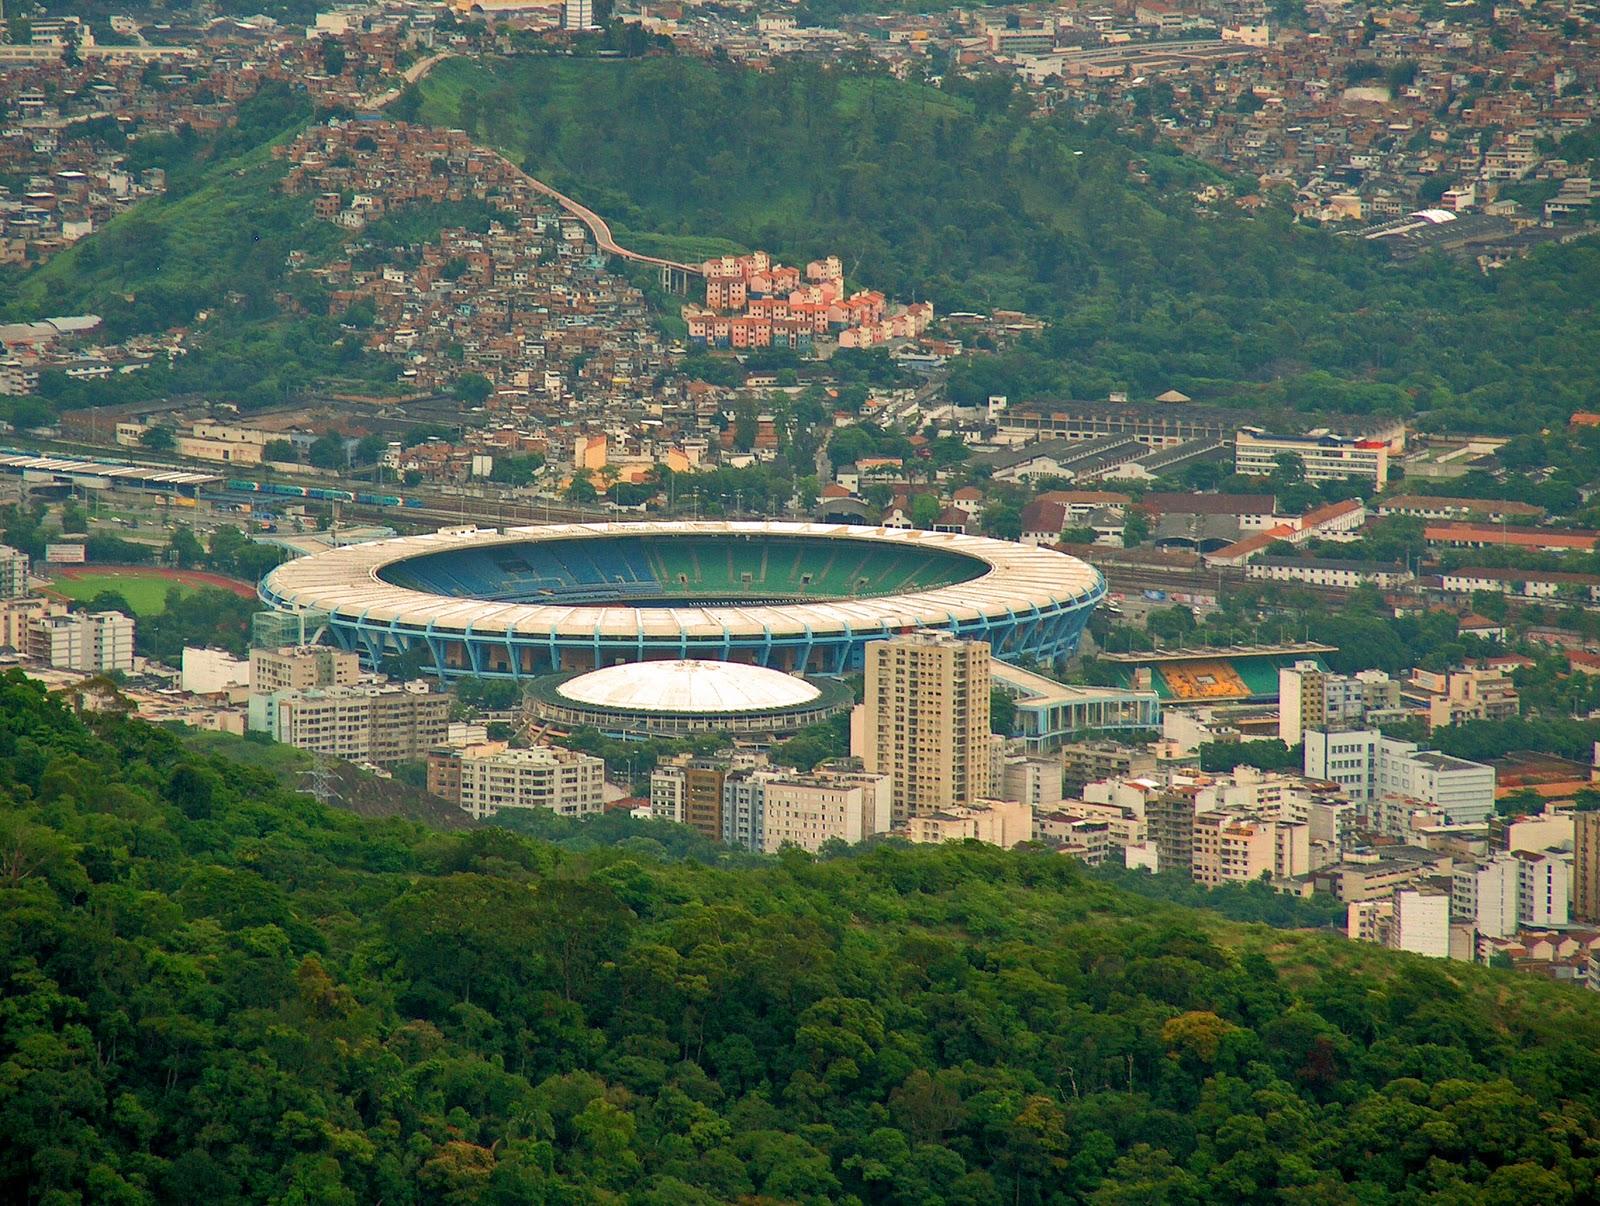 HOME OF SPORTS: Estadio Do Maracana